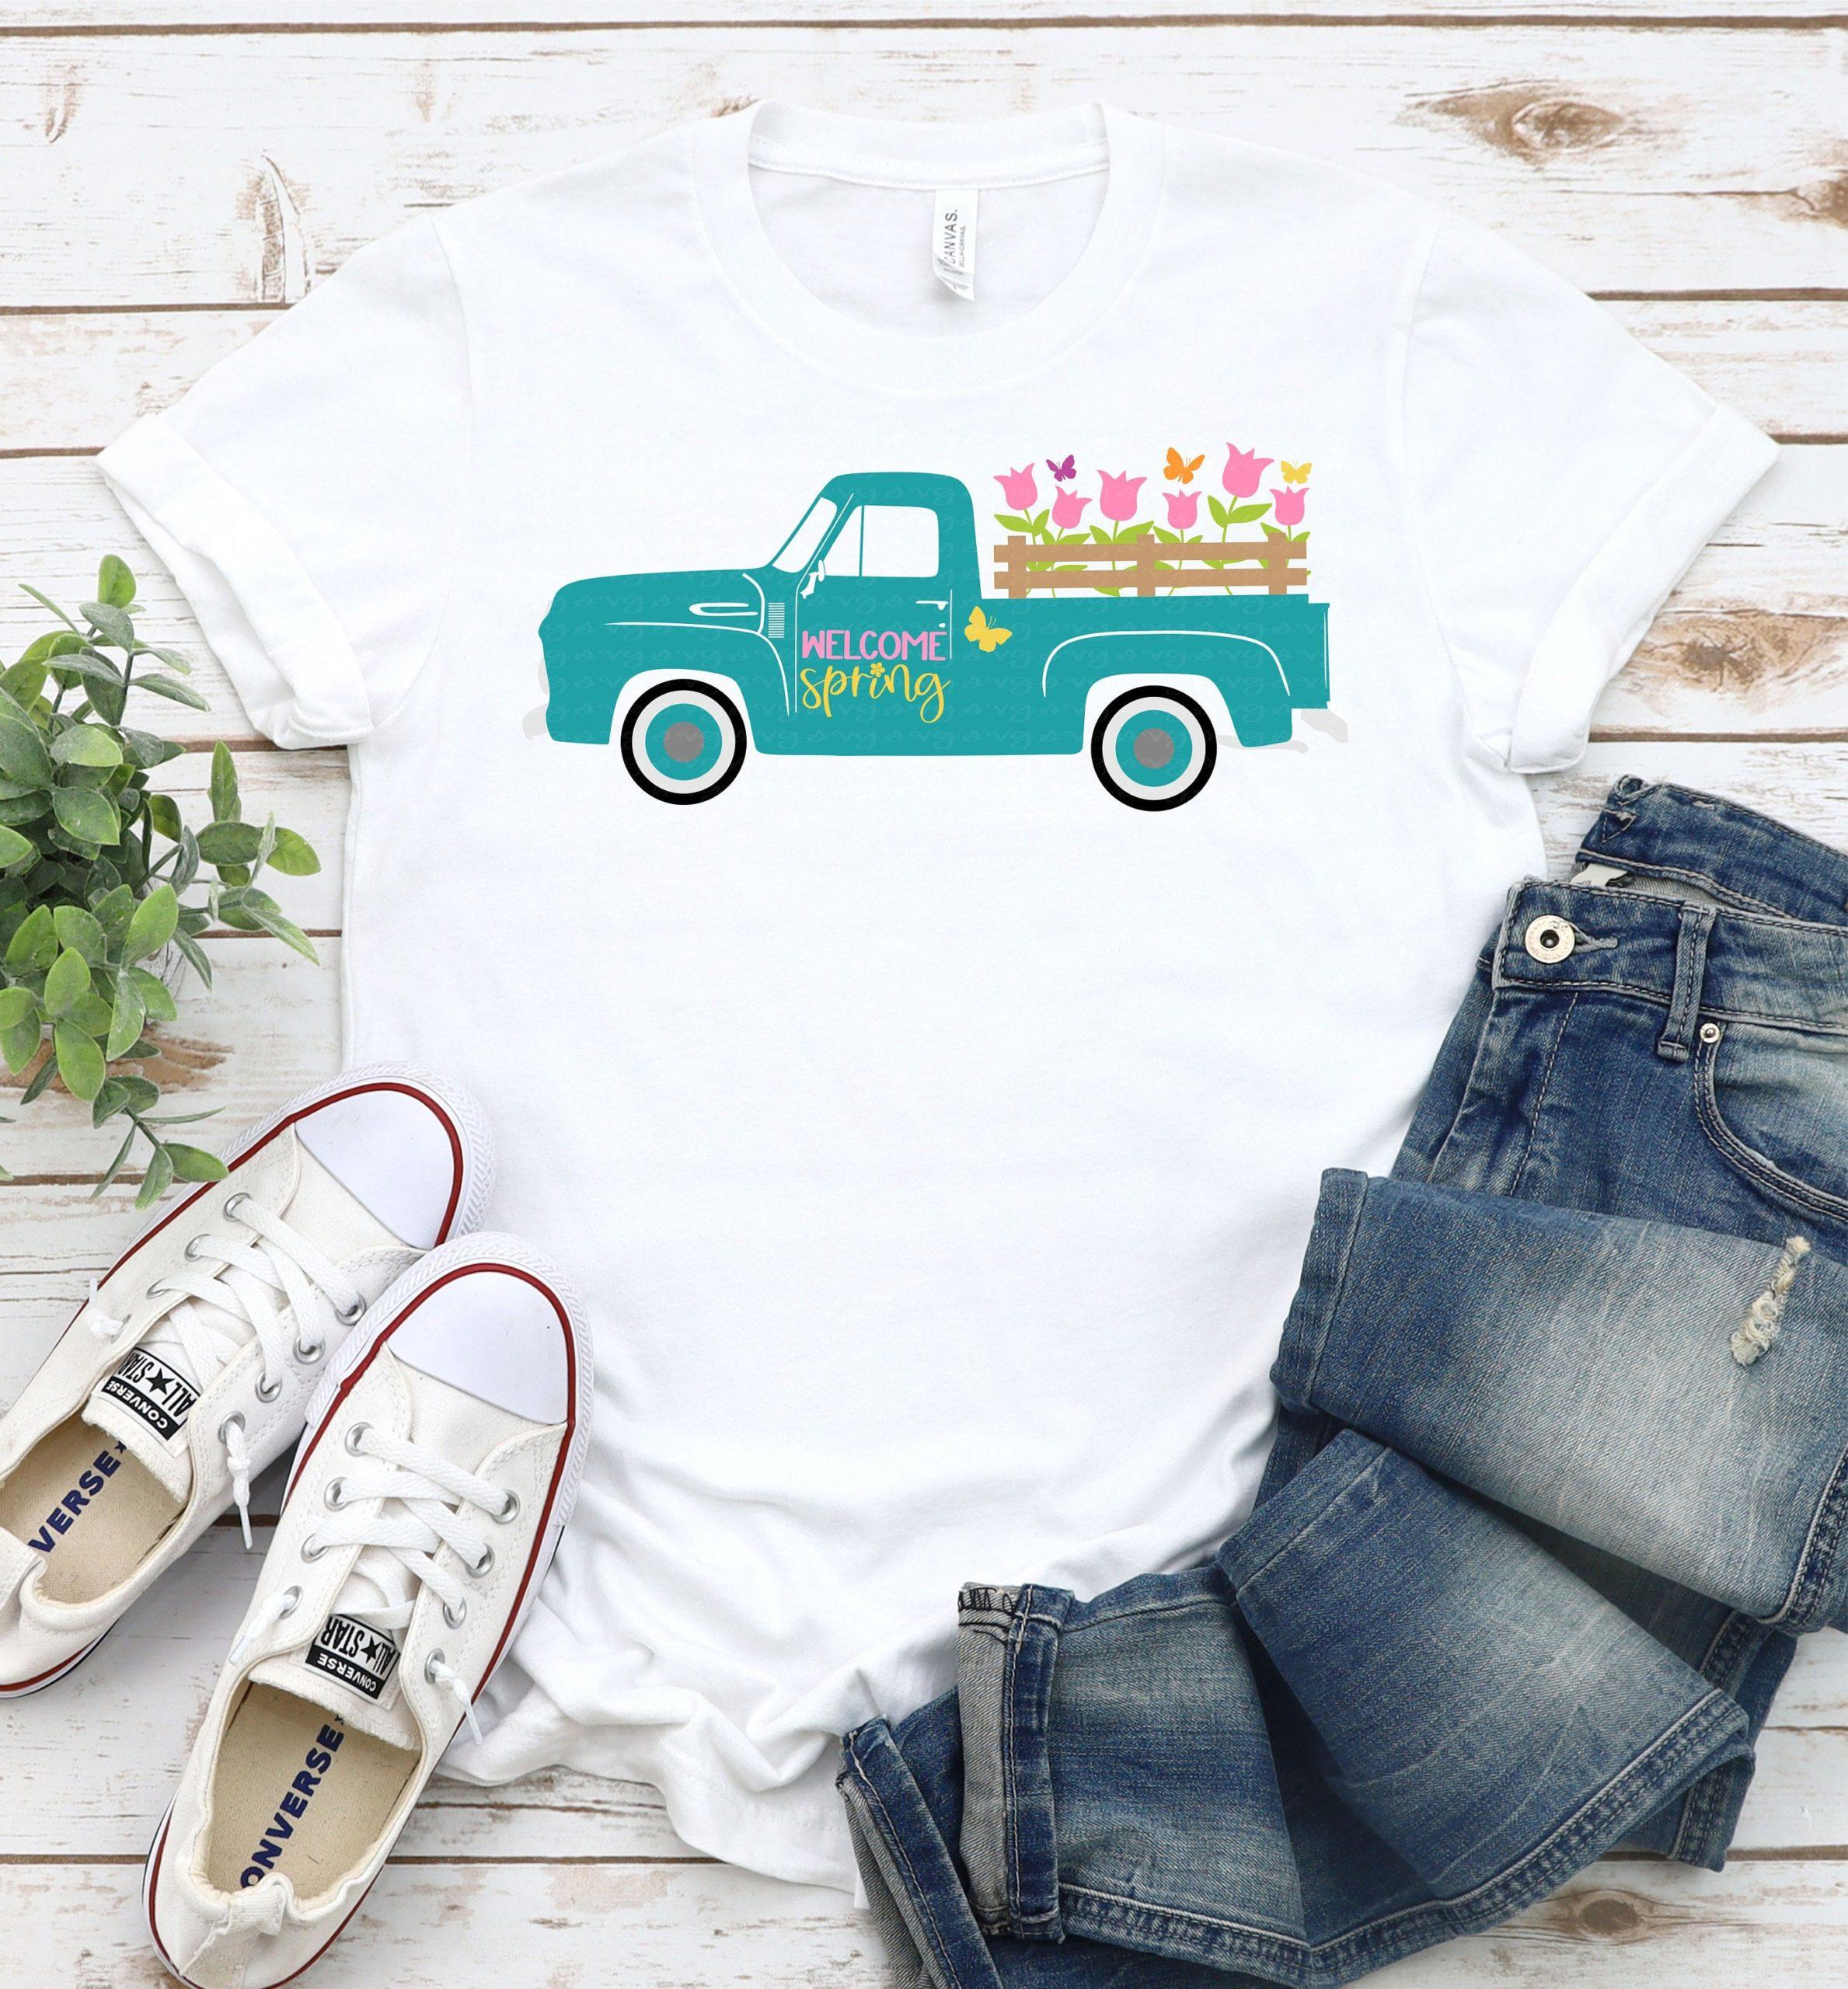 Spring-svg-welcome-spring-svg-vintage-truck-svg-old-truck-svg-welcome-svg-spring-svg-design-spring-cut-file-spring-cricut-60512890